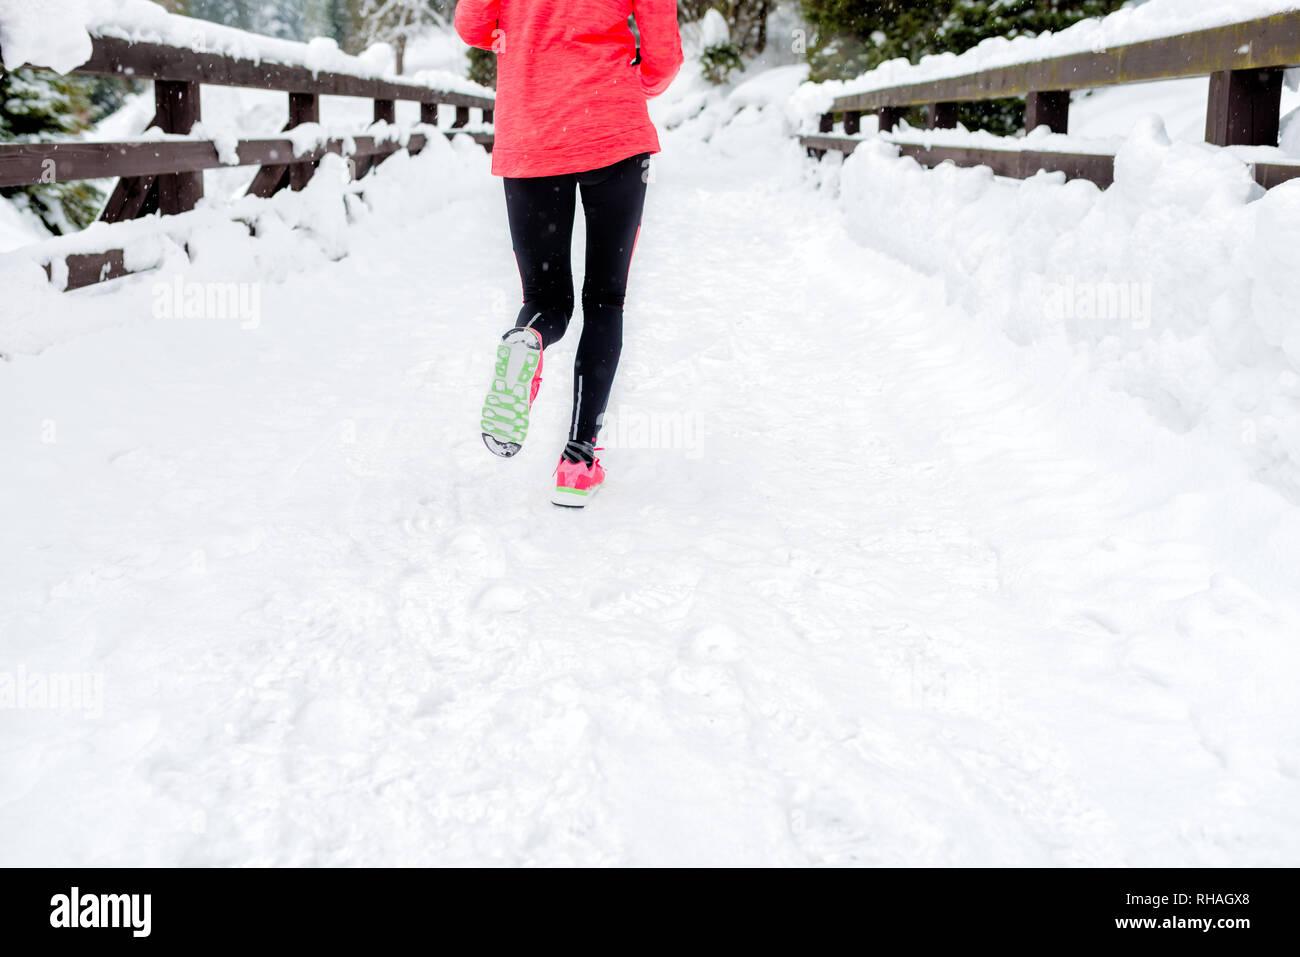 Junge Frau läuft auf Schnee im Winter Berge tragen warme Kleidung Handschuhe im Schnee Wetter. Sport, Fitness Inspiration und Motivation. Gerne jugendlich nicht Stockfoto